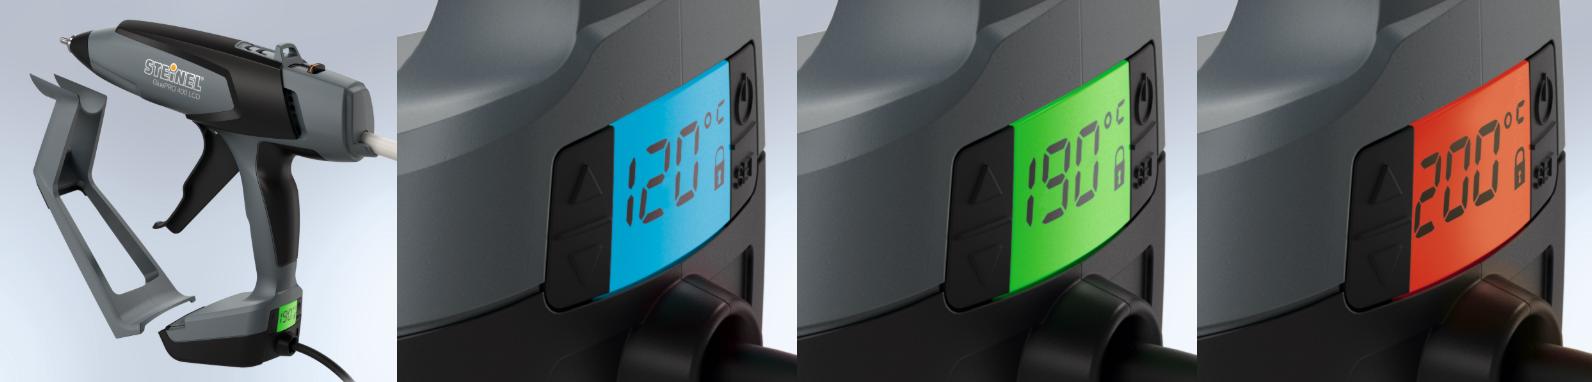 GluePRO 400 LCD Temperature Control